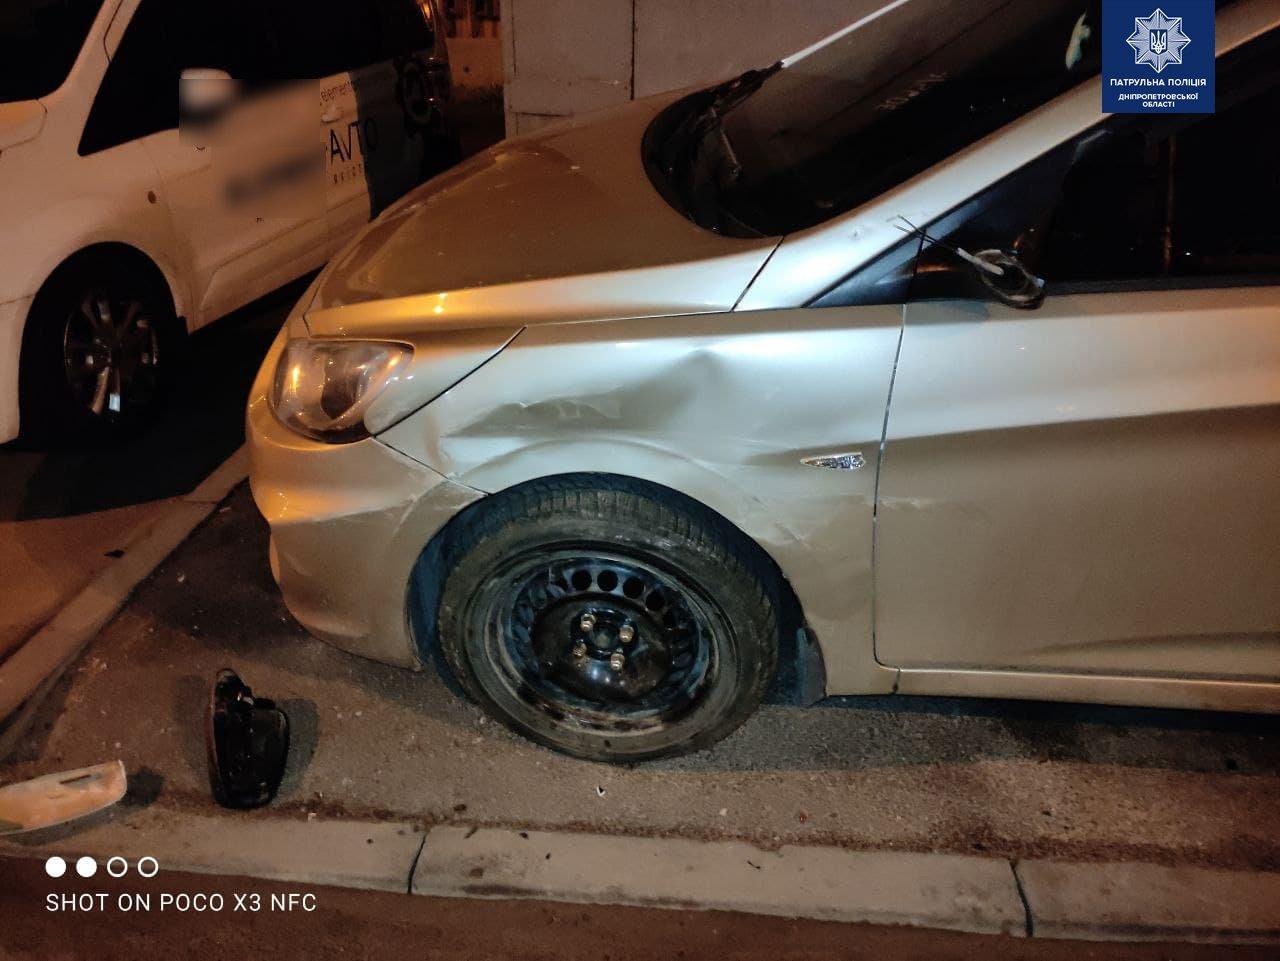 Побег с места ДТП и опасная езда: в Днепре попались еще двое пьяных водителей, фото-2